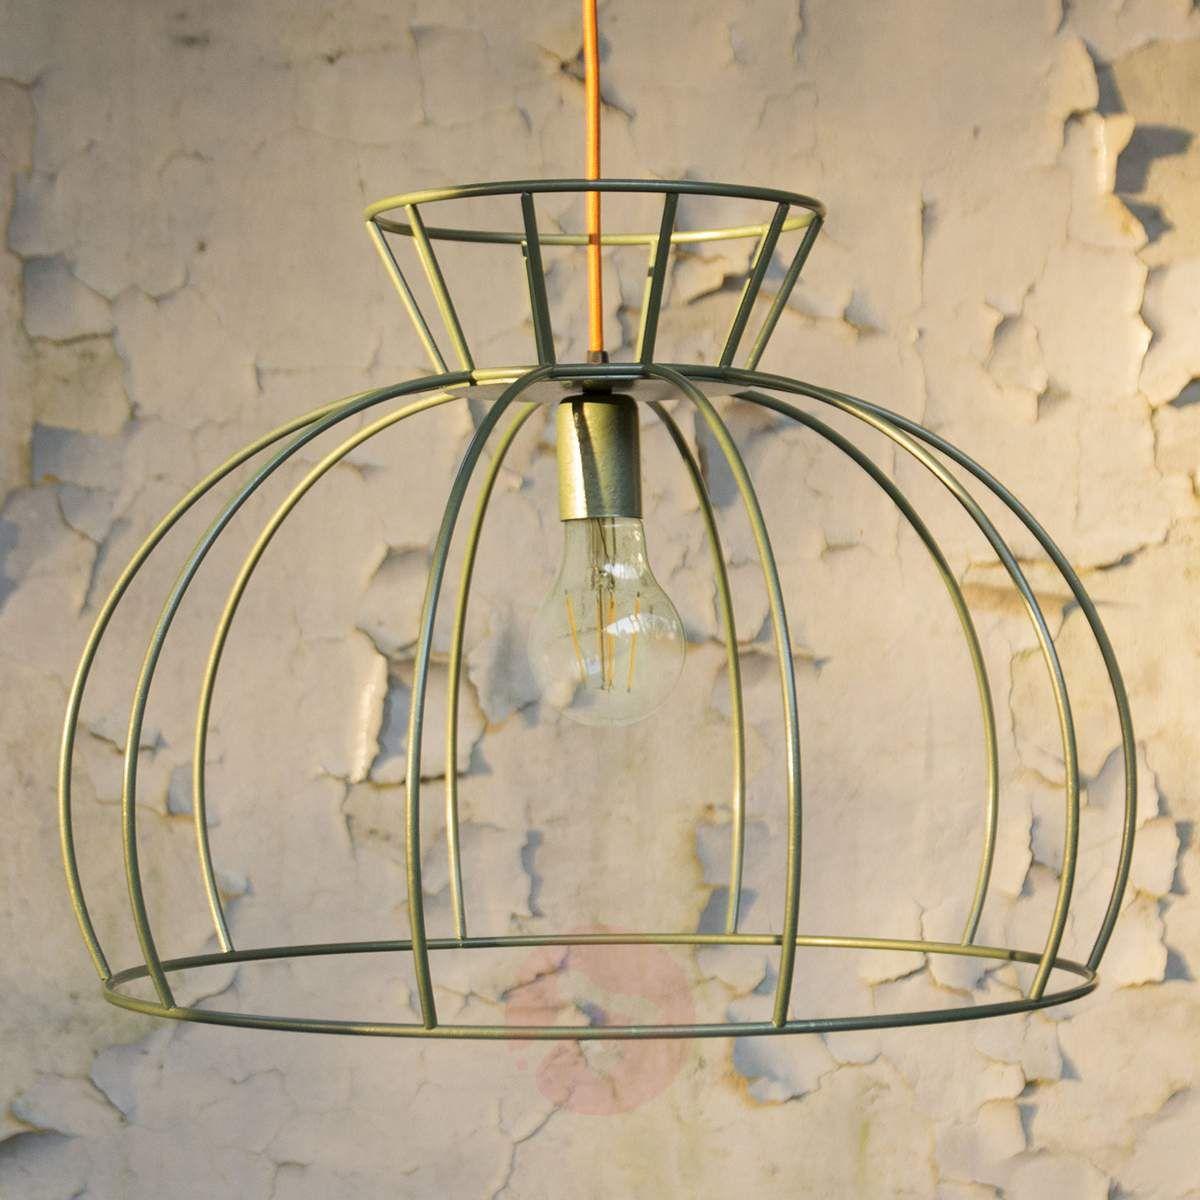 lampy nowoczesne | lampy do salonu w bloku | nowoczesne